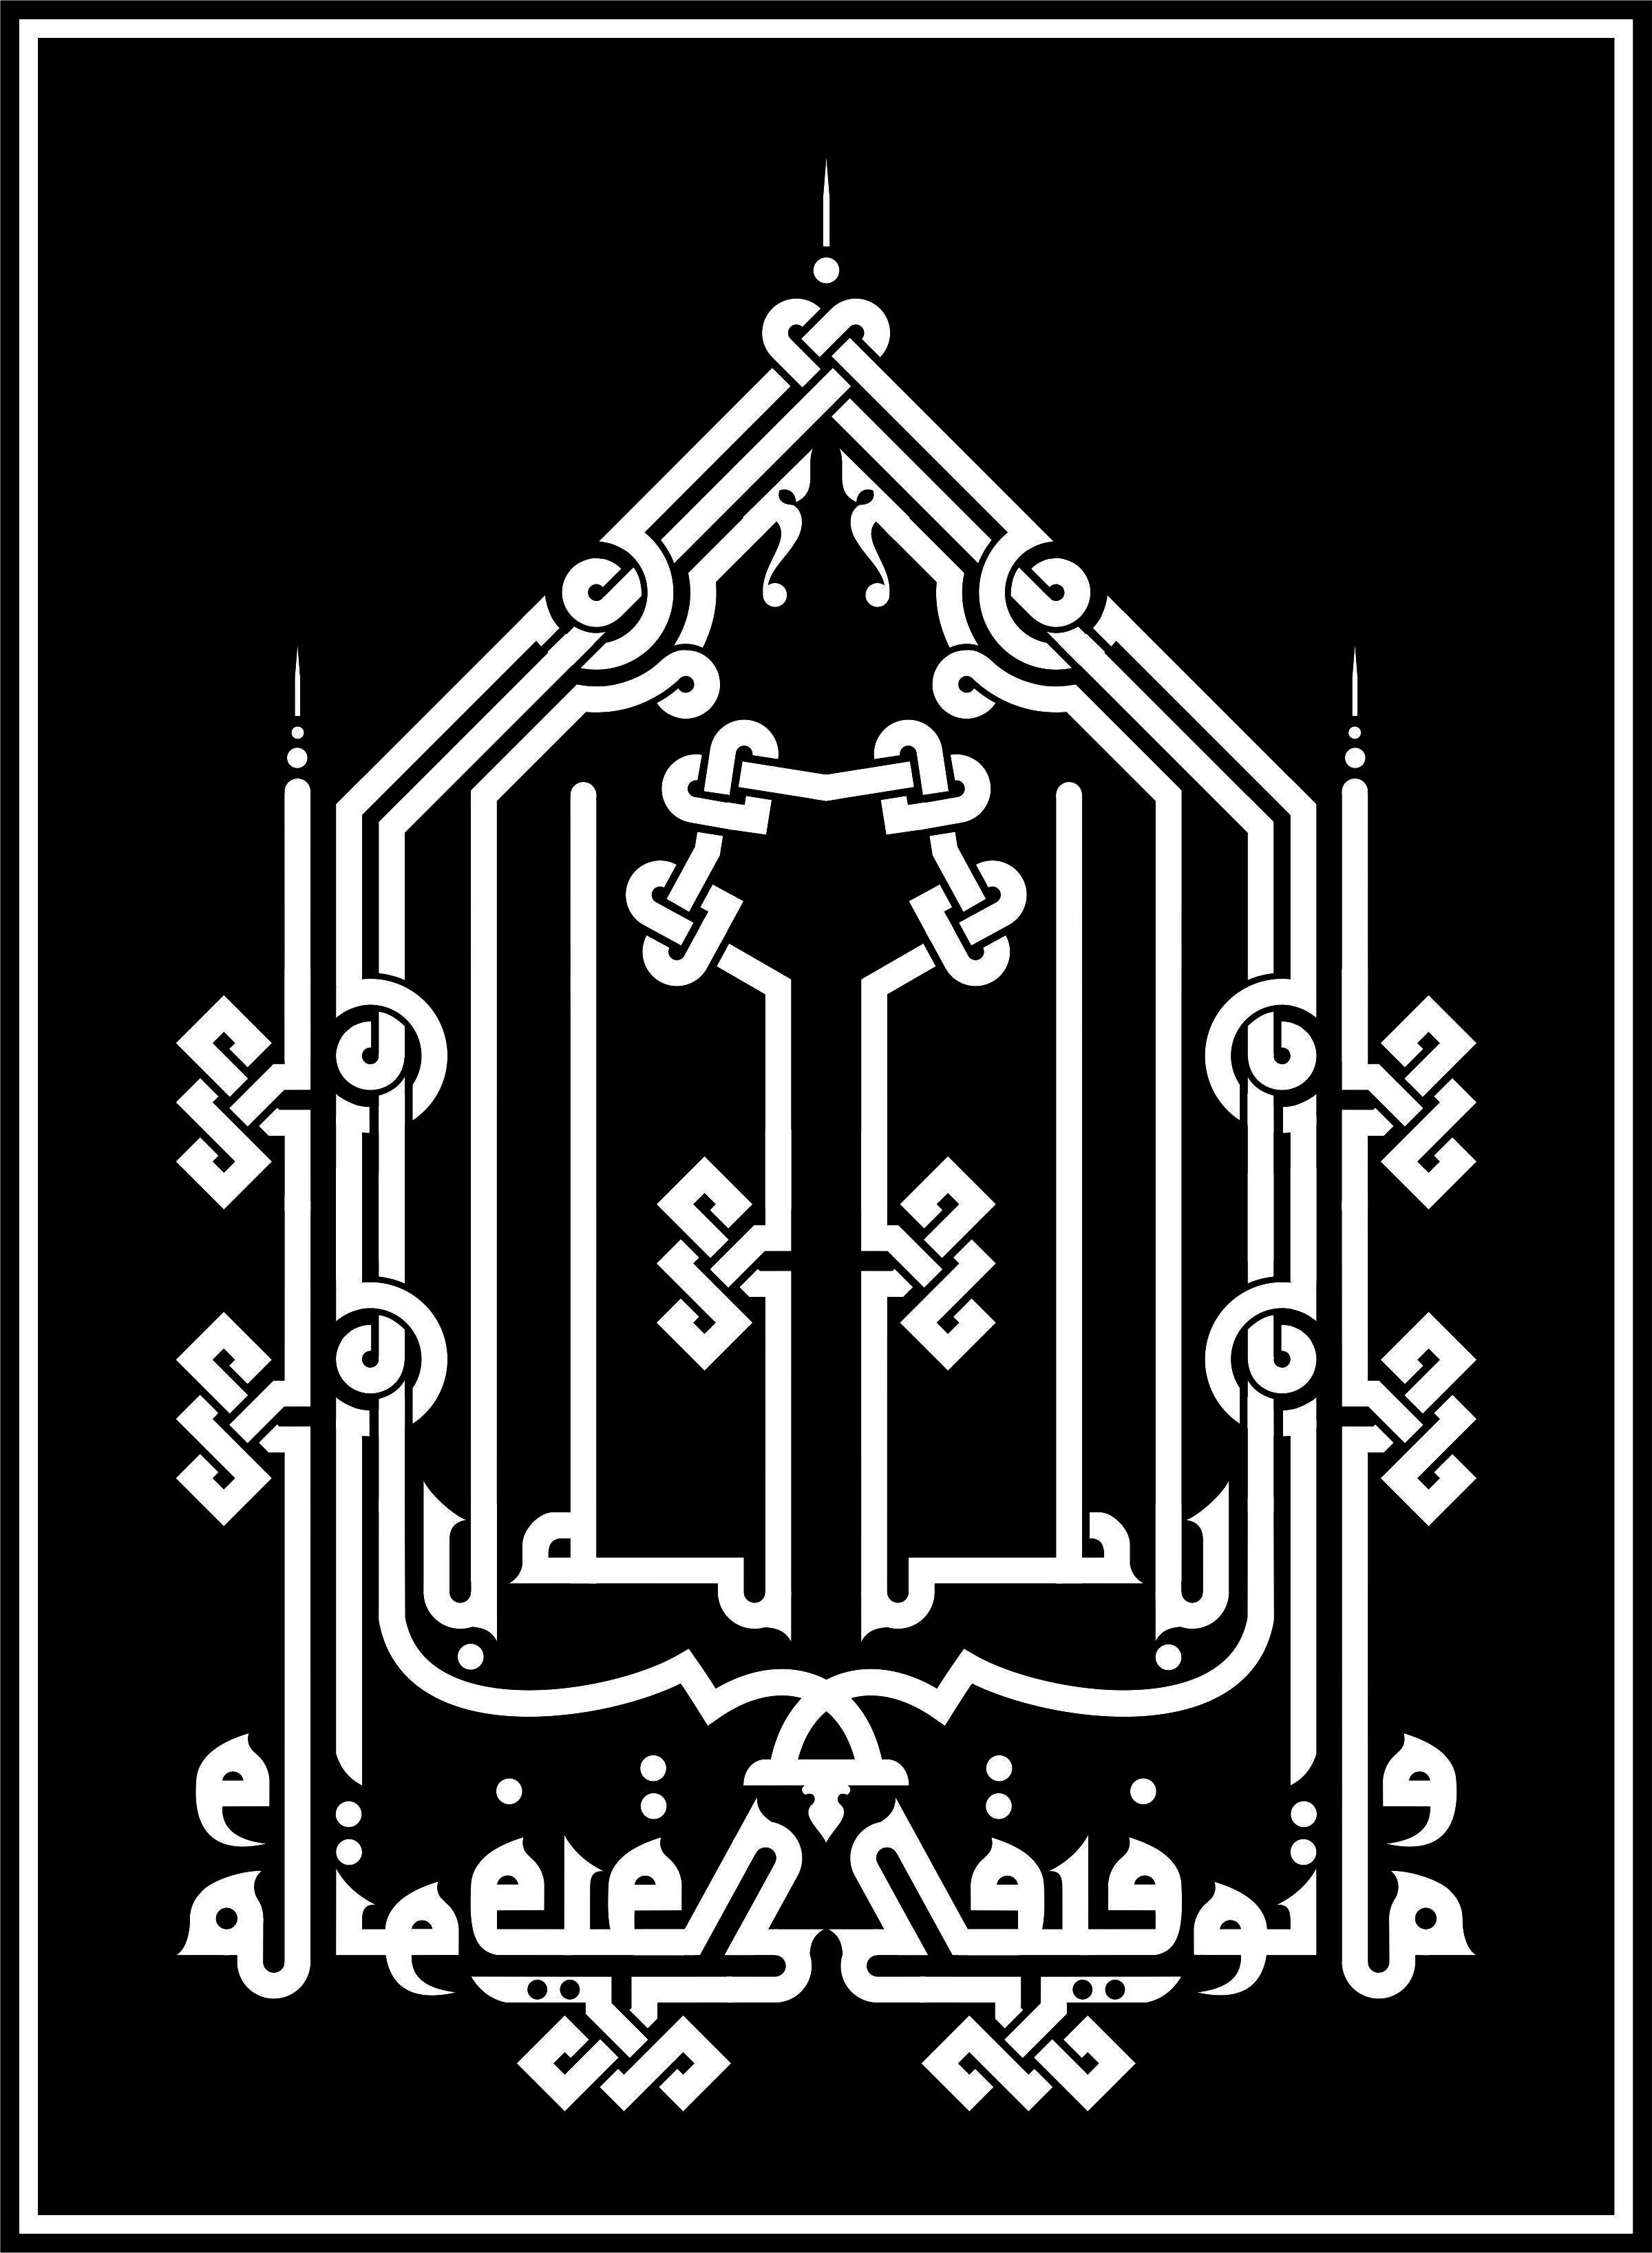 Abdul Gaffar Khokar adlı kullanıcının art panosundaki Pin